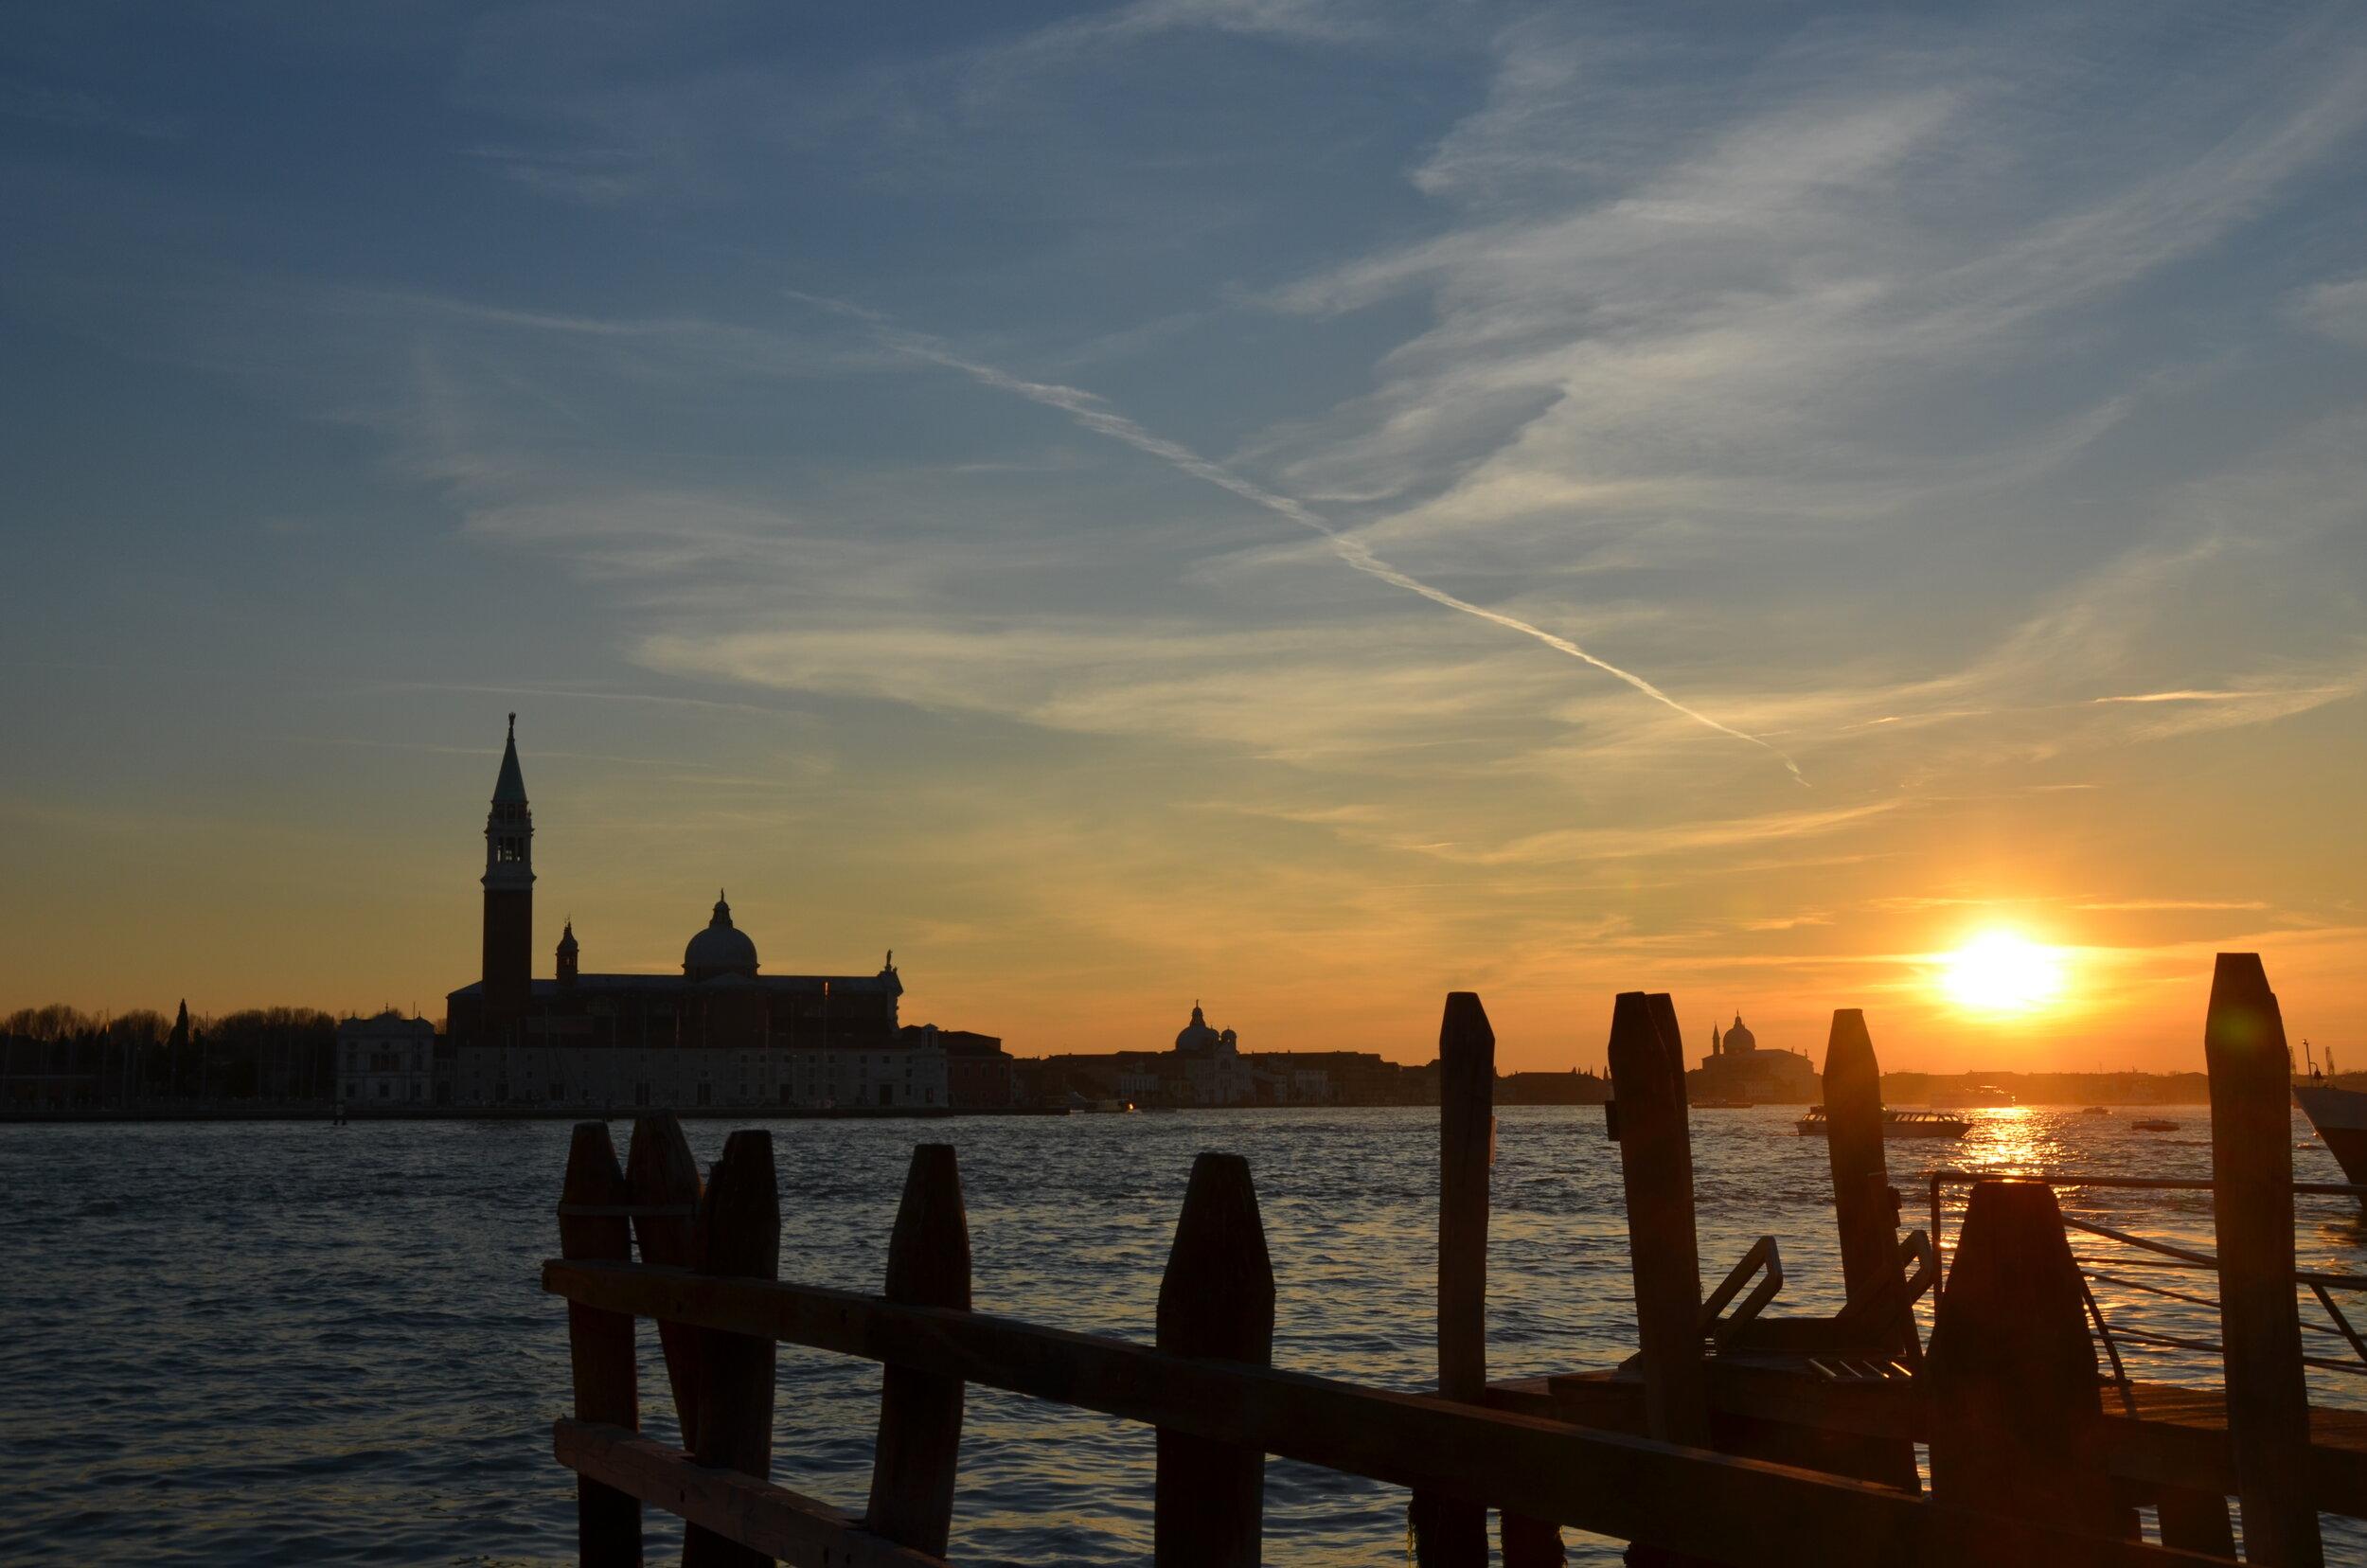 San Giorgio Maggiore Sunset, Venice